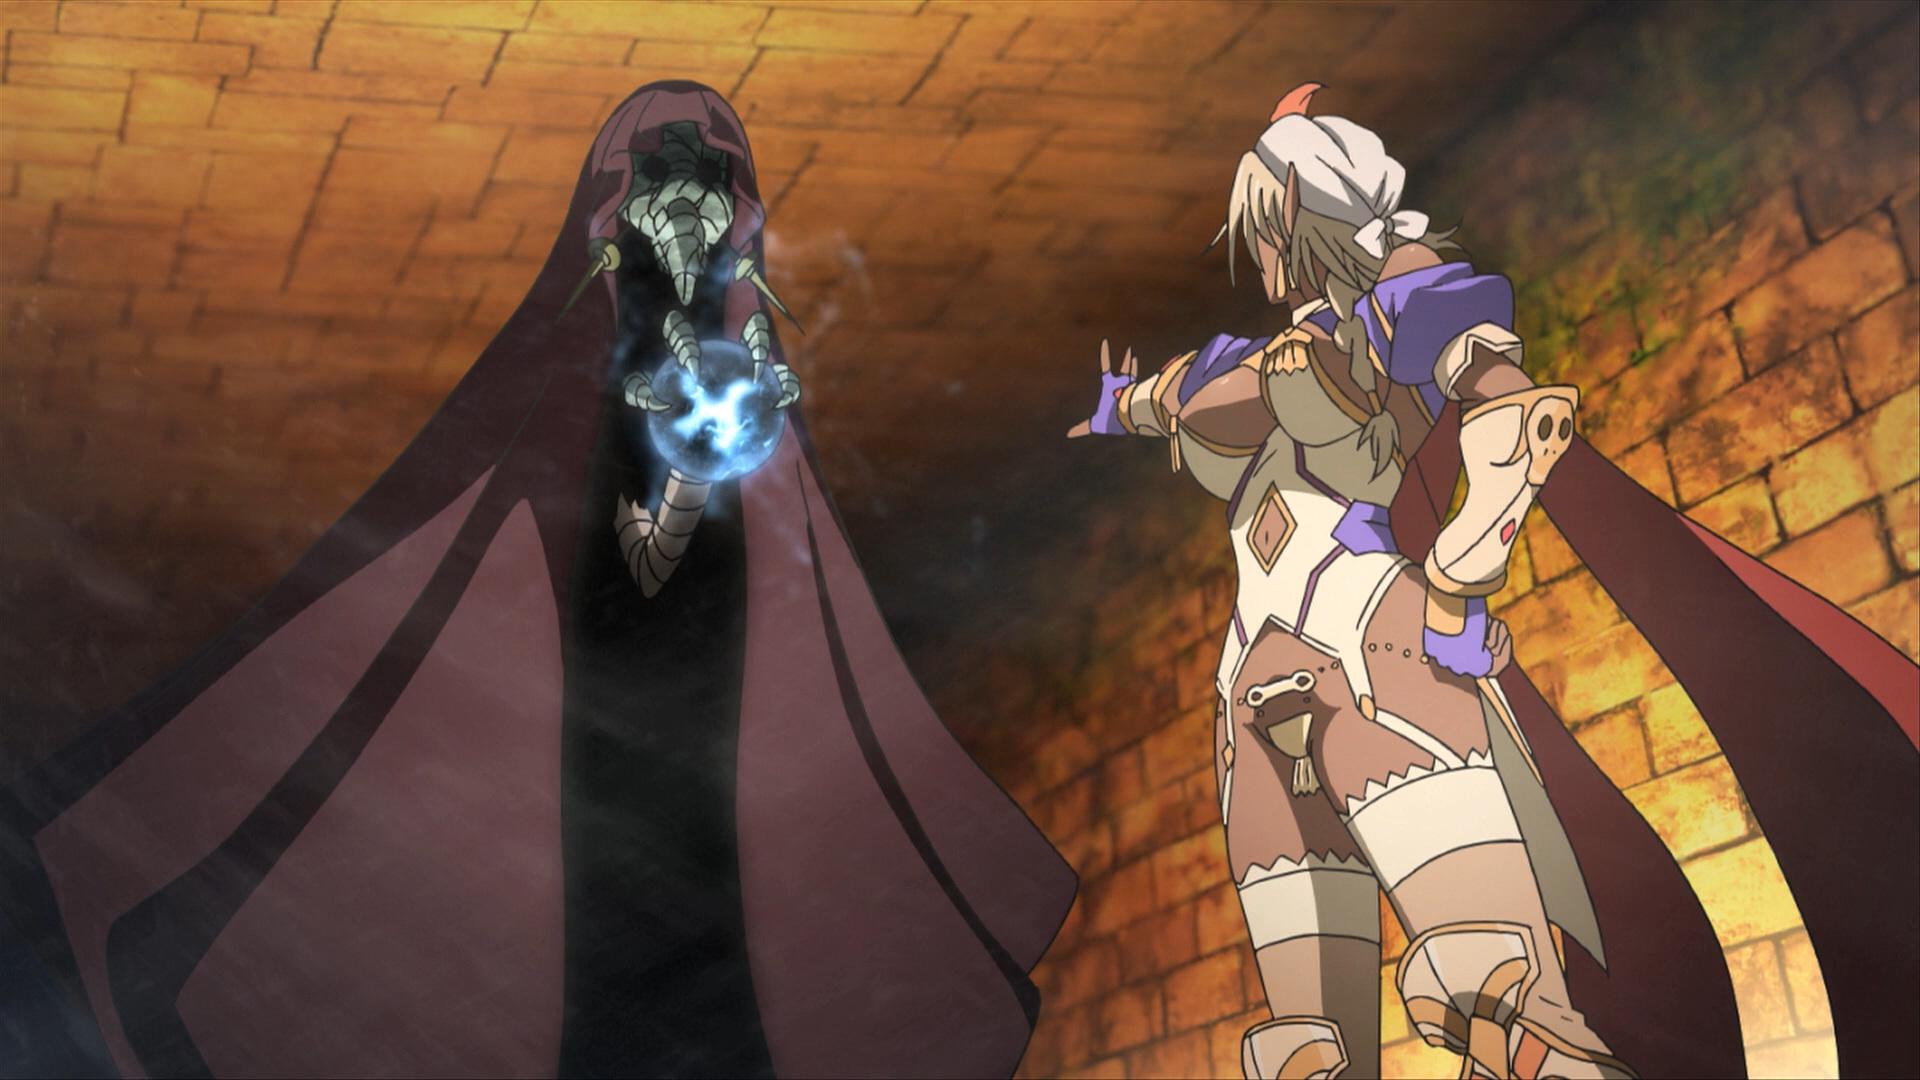 Irozuku sekai no ashita kara episodio 7 legendado - 4 1